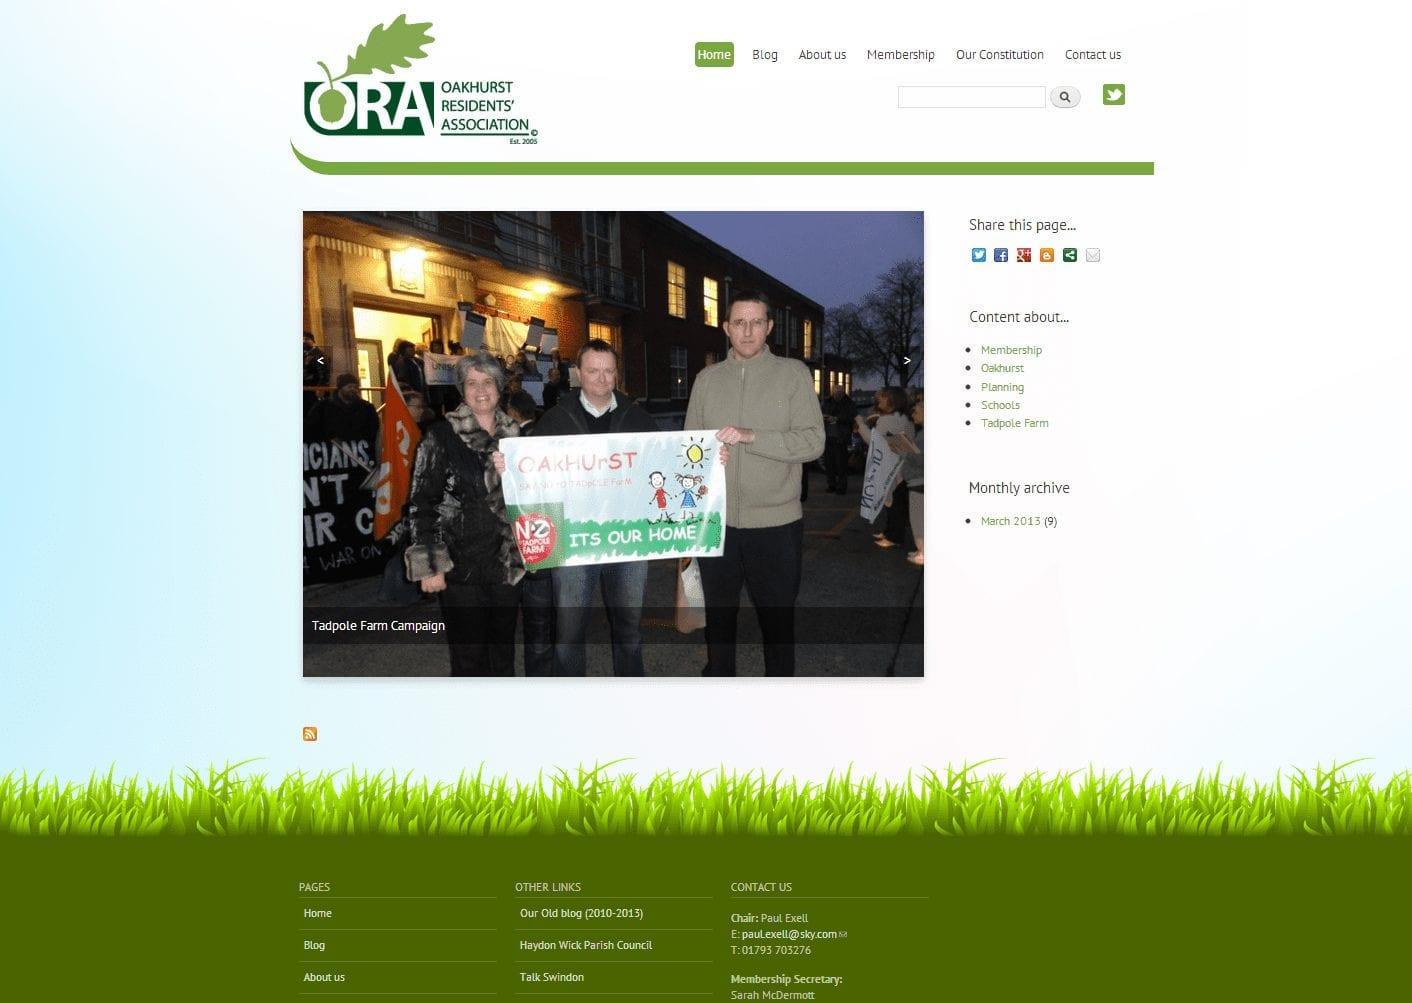 new-website-for-oakhurst-residents-association.png